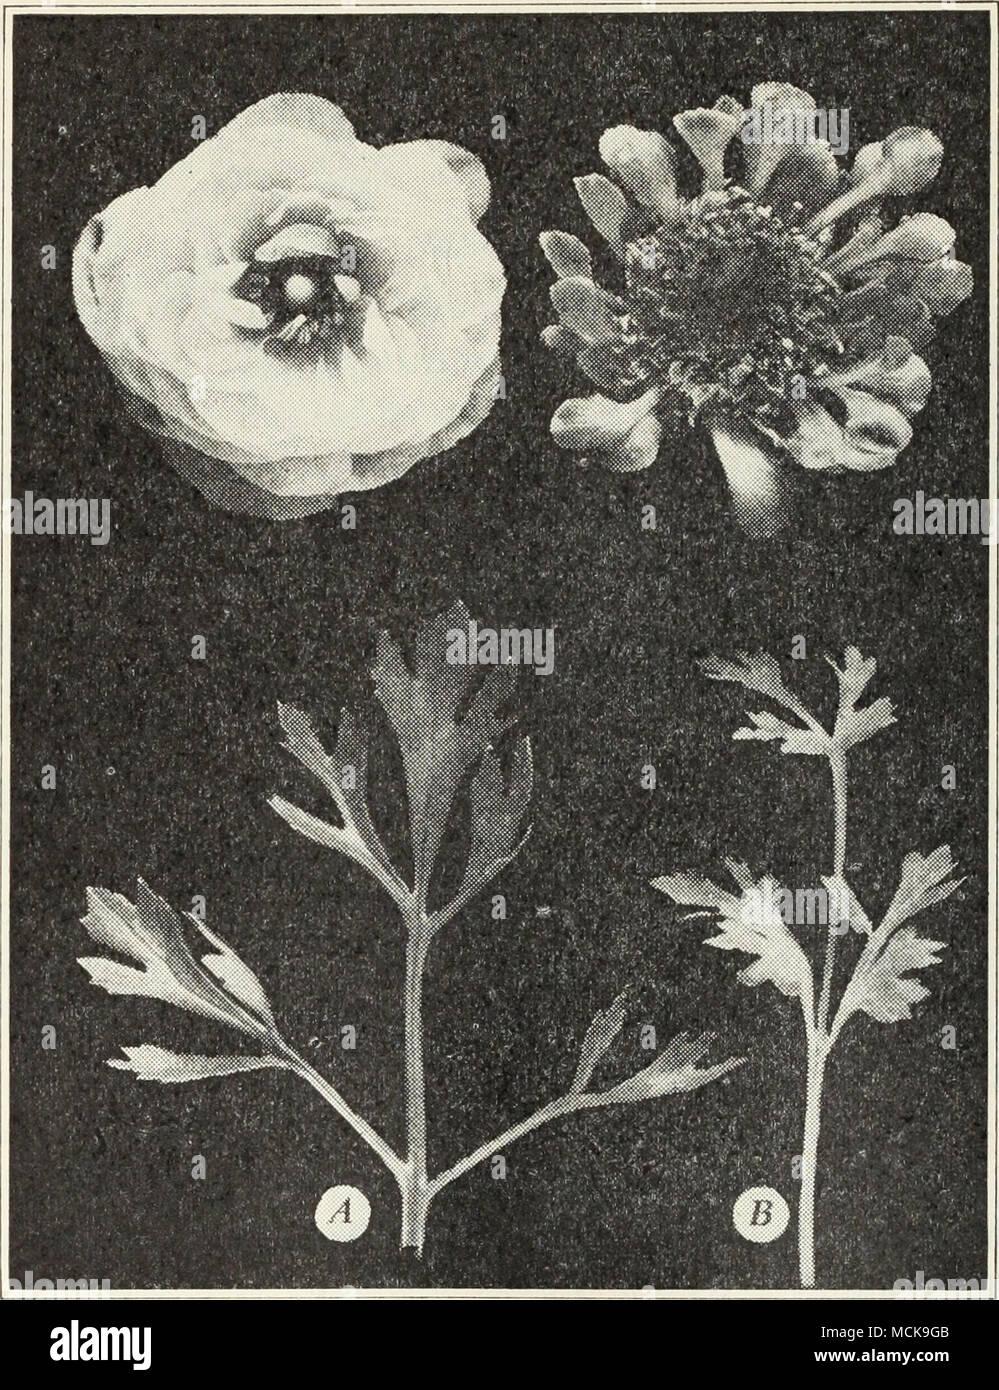 Abb 25 A Normale Ranunculus Blume Und Blatt B Wirkung Von